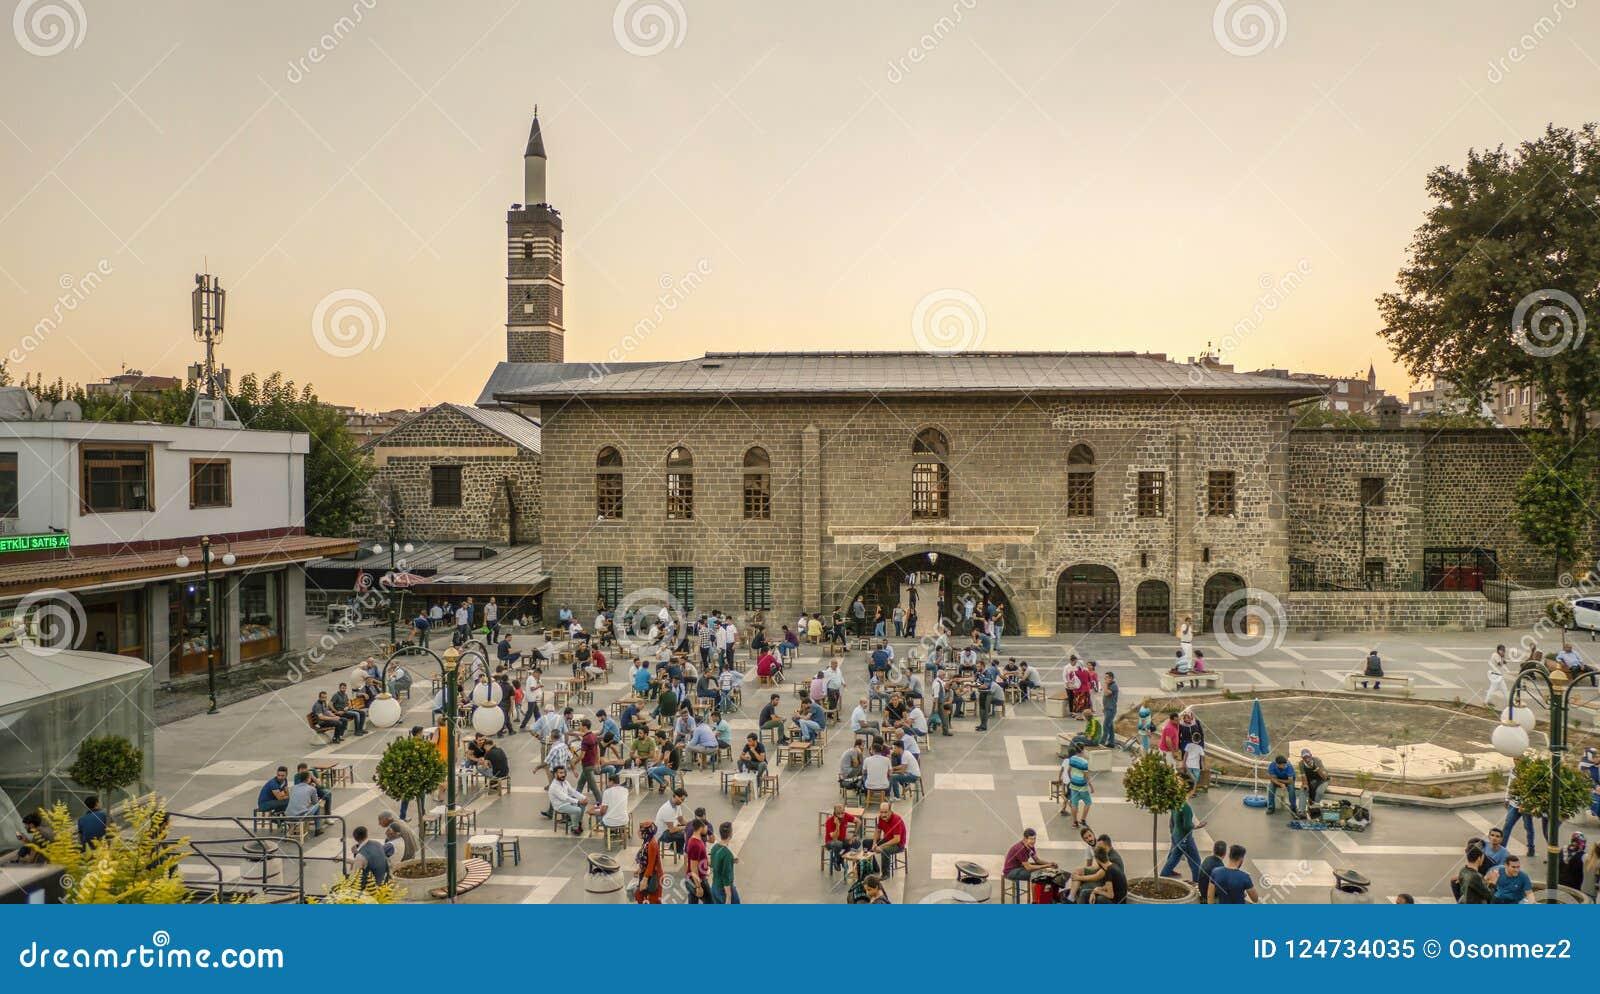 DIYARBAKIR, TURQUÍA - 25 DE AGOSTO DE 2018: Vista de la mezquita magnífica Ulu Cami, la central de Diyarbakir